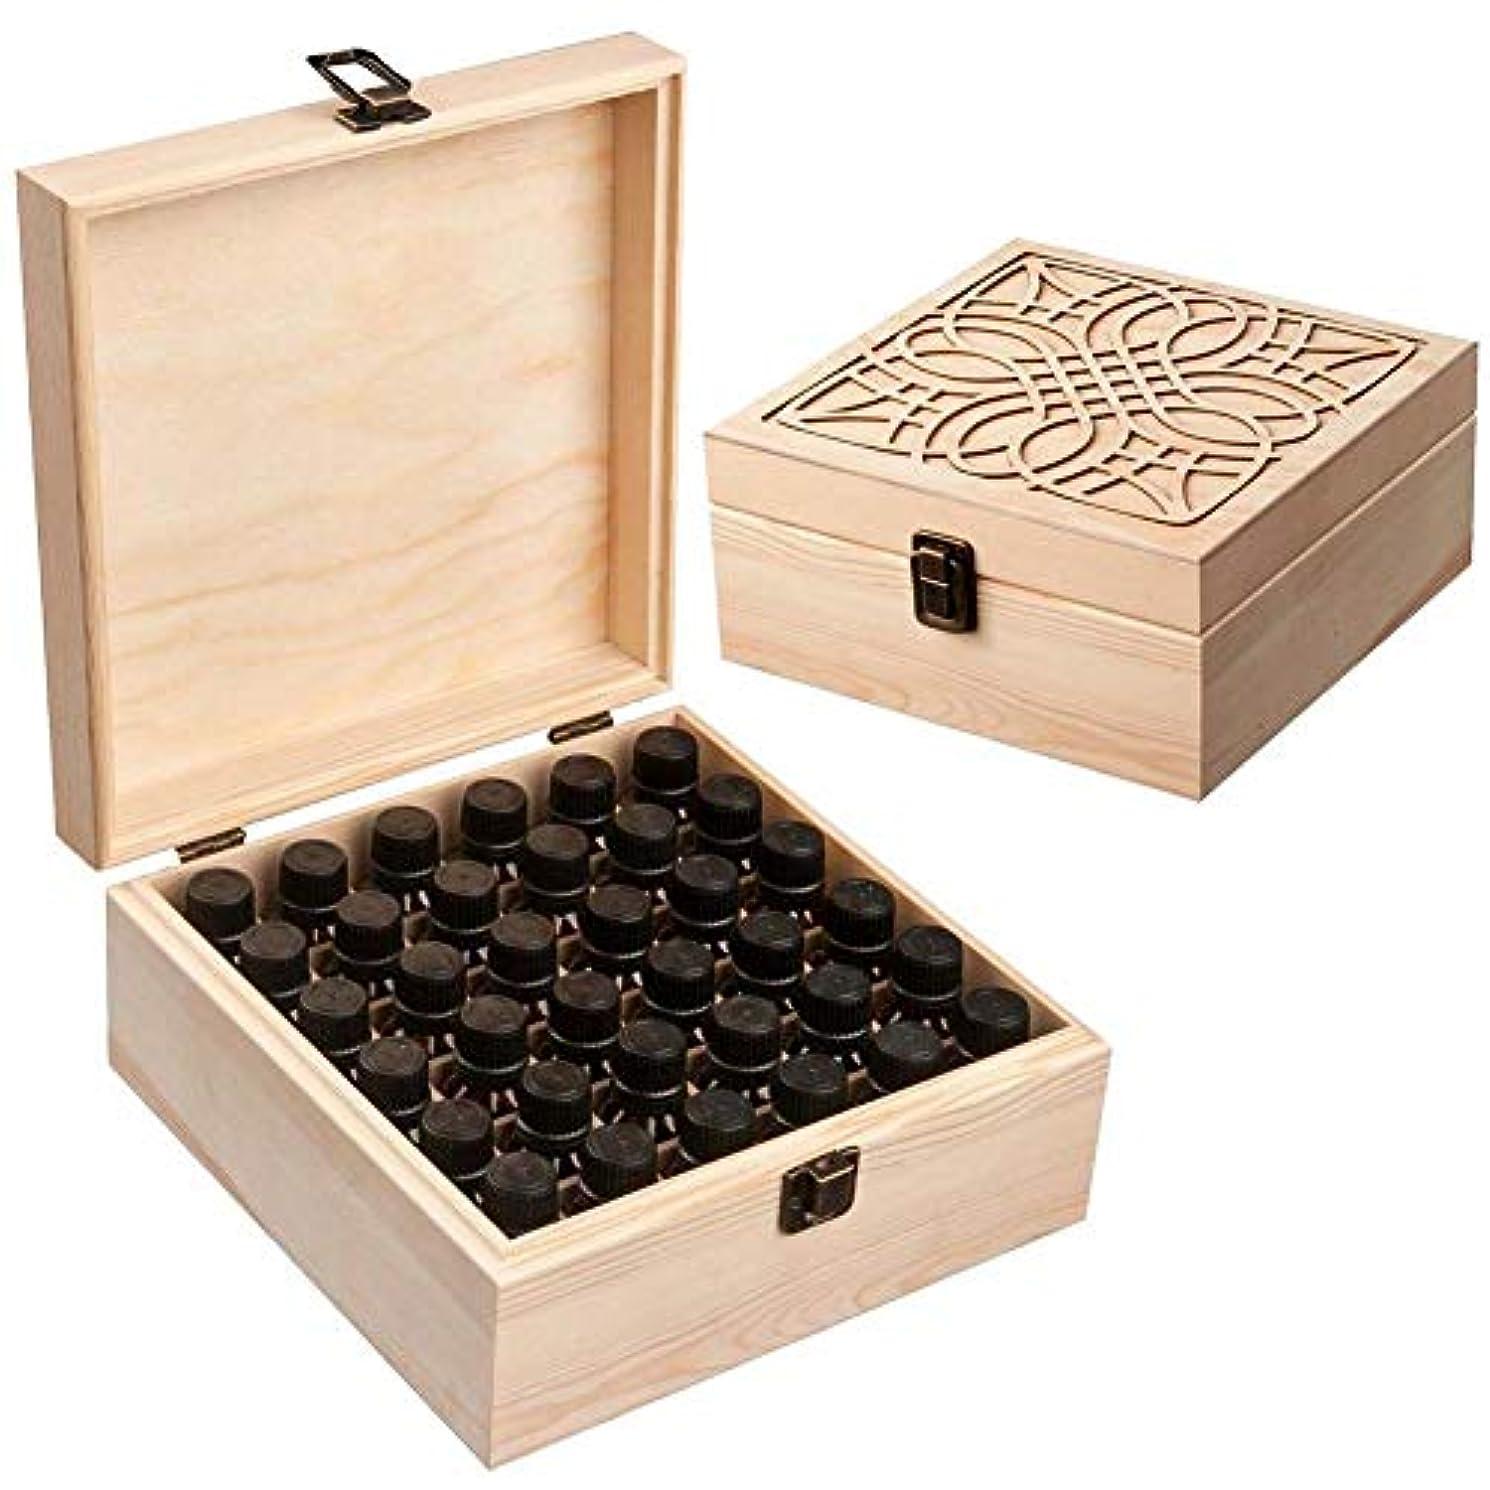 耕すカウントアンペアNewfashion エッセンシャルオイル収納ボックス 精油収納 アロマケース 木製 大容量 携帯便利 オイルボックス 飾り物 36本用